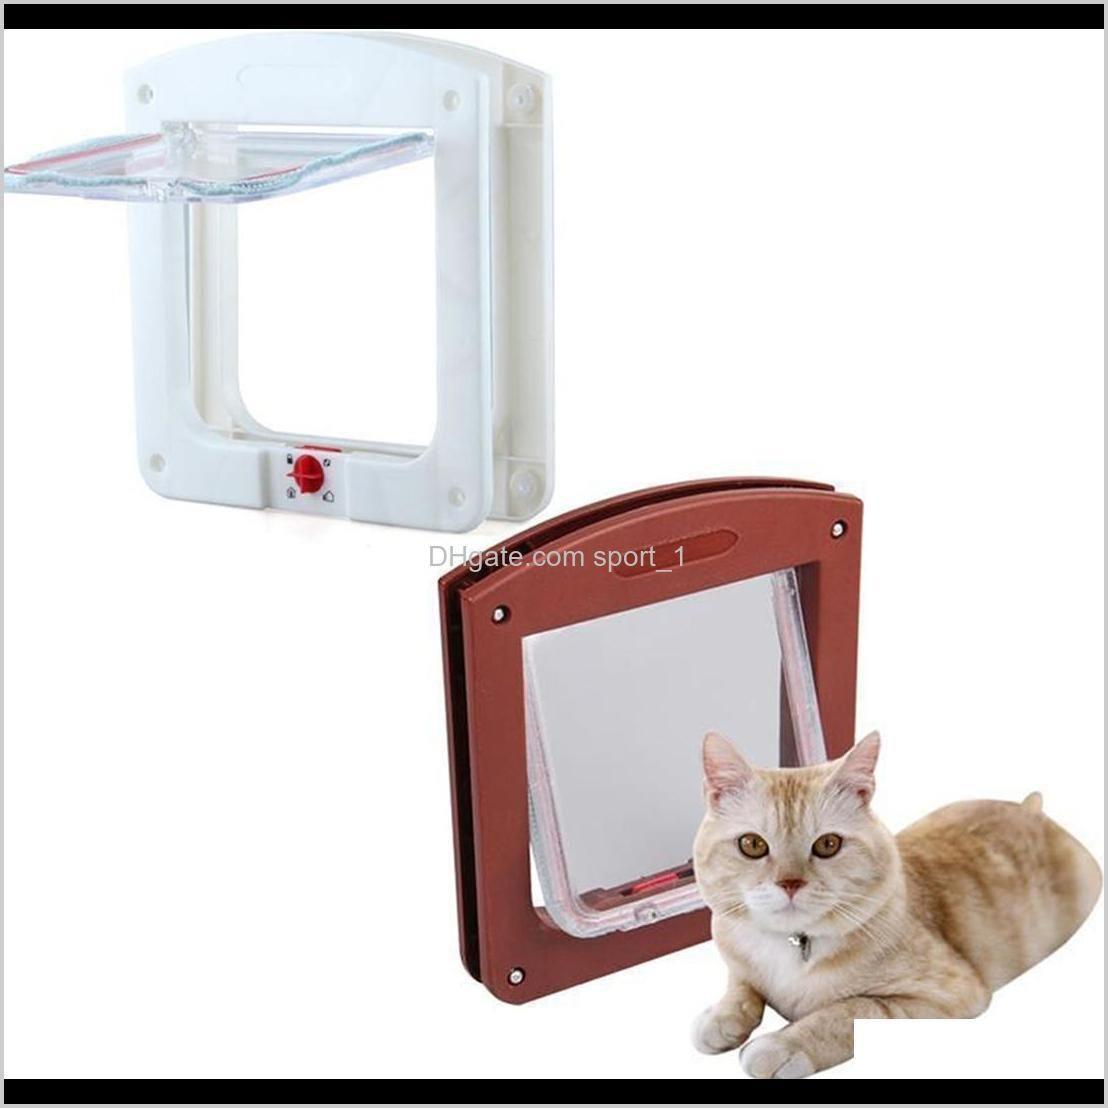 CarriersCrates Casas Durable Plástico 4 Way Bloqueo Magnético Pet Cat Door Pequeño Perro Gatito Impermeable Folleto Folleto Puerta Seguridad Suministros de Seguridad 2 UPXJK